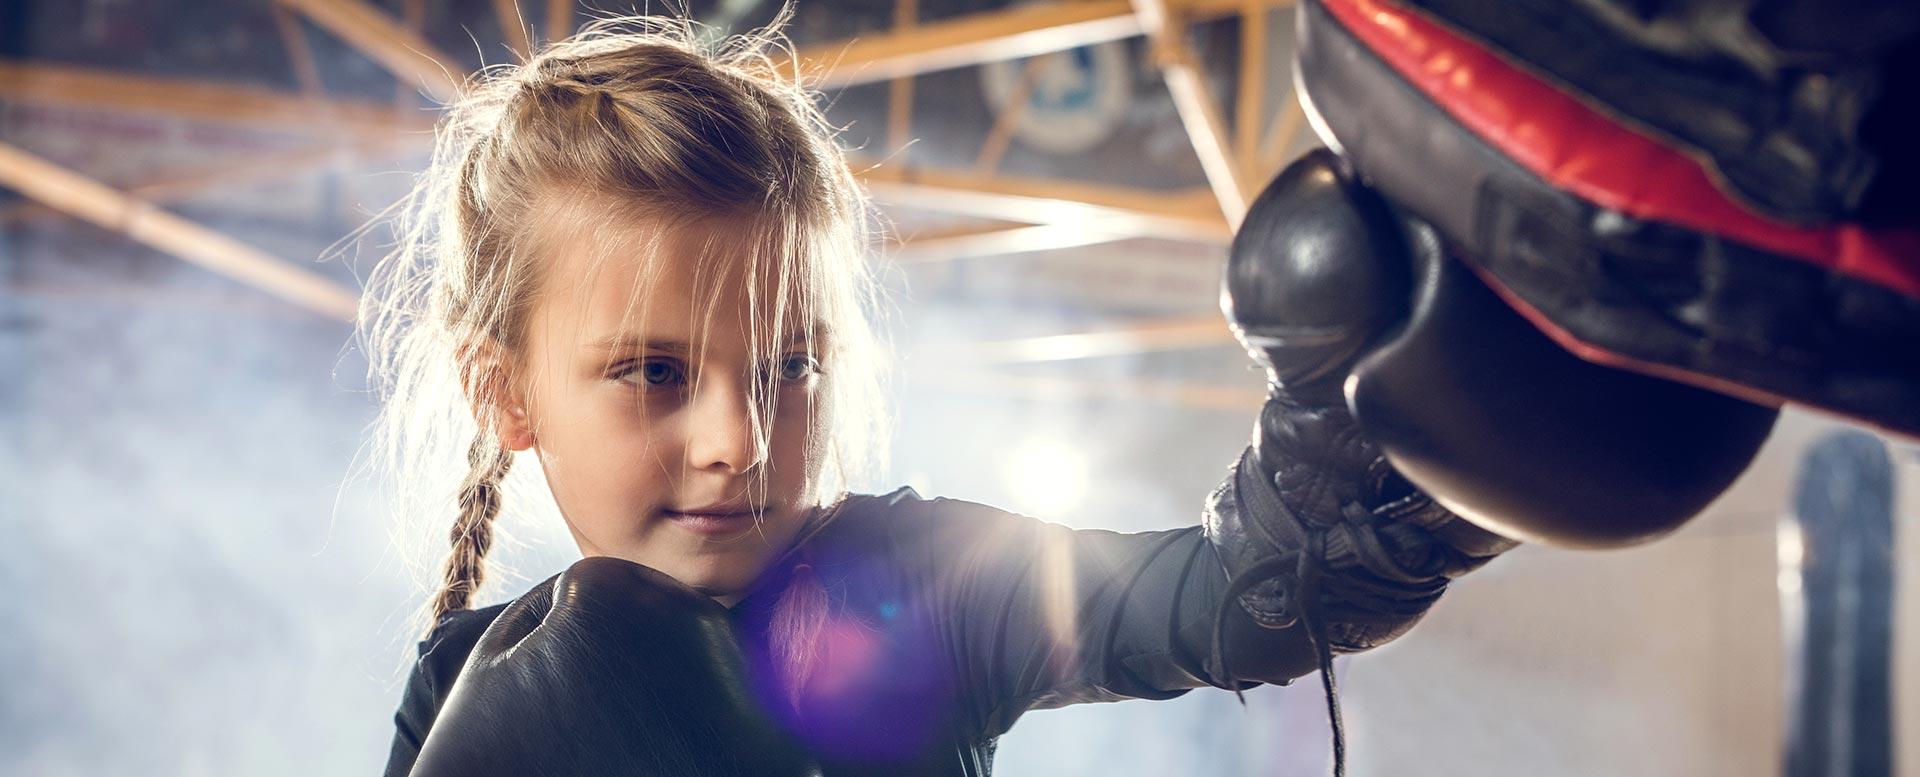 Mädchen beim Boxen